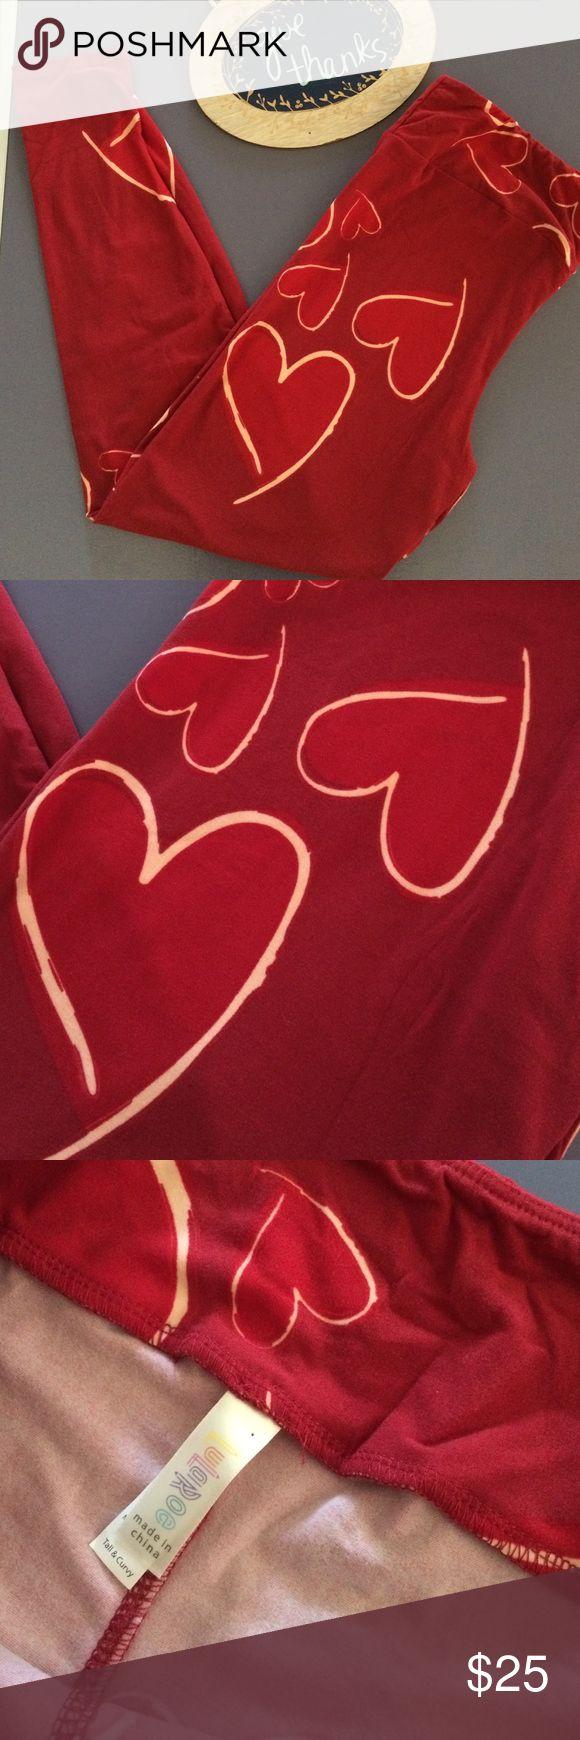 Lula Roe tall and curvy leggings hearts So super soft! EUC! Adorable red hearts! LuLaRoe Pants Leggings